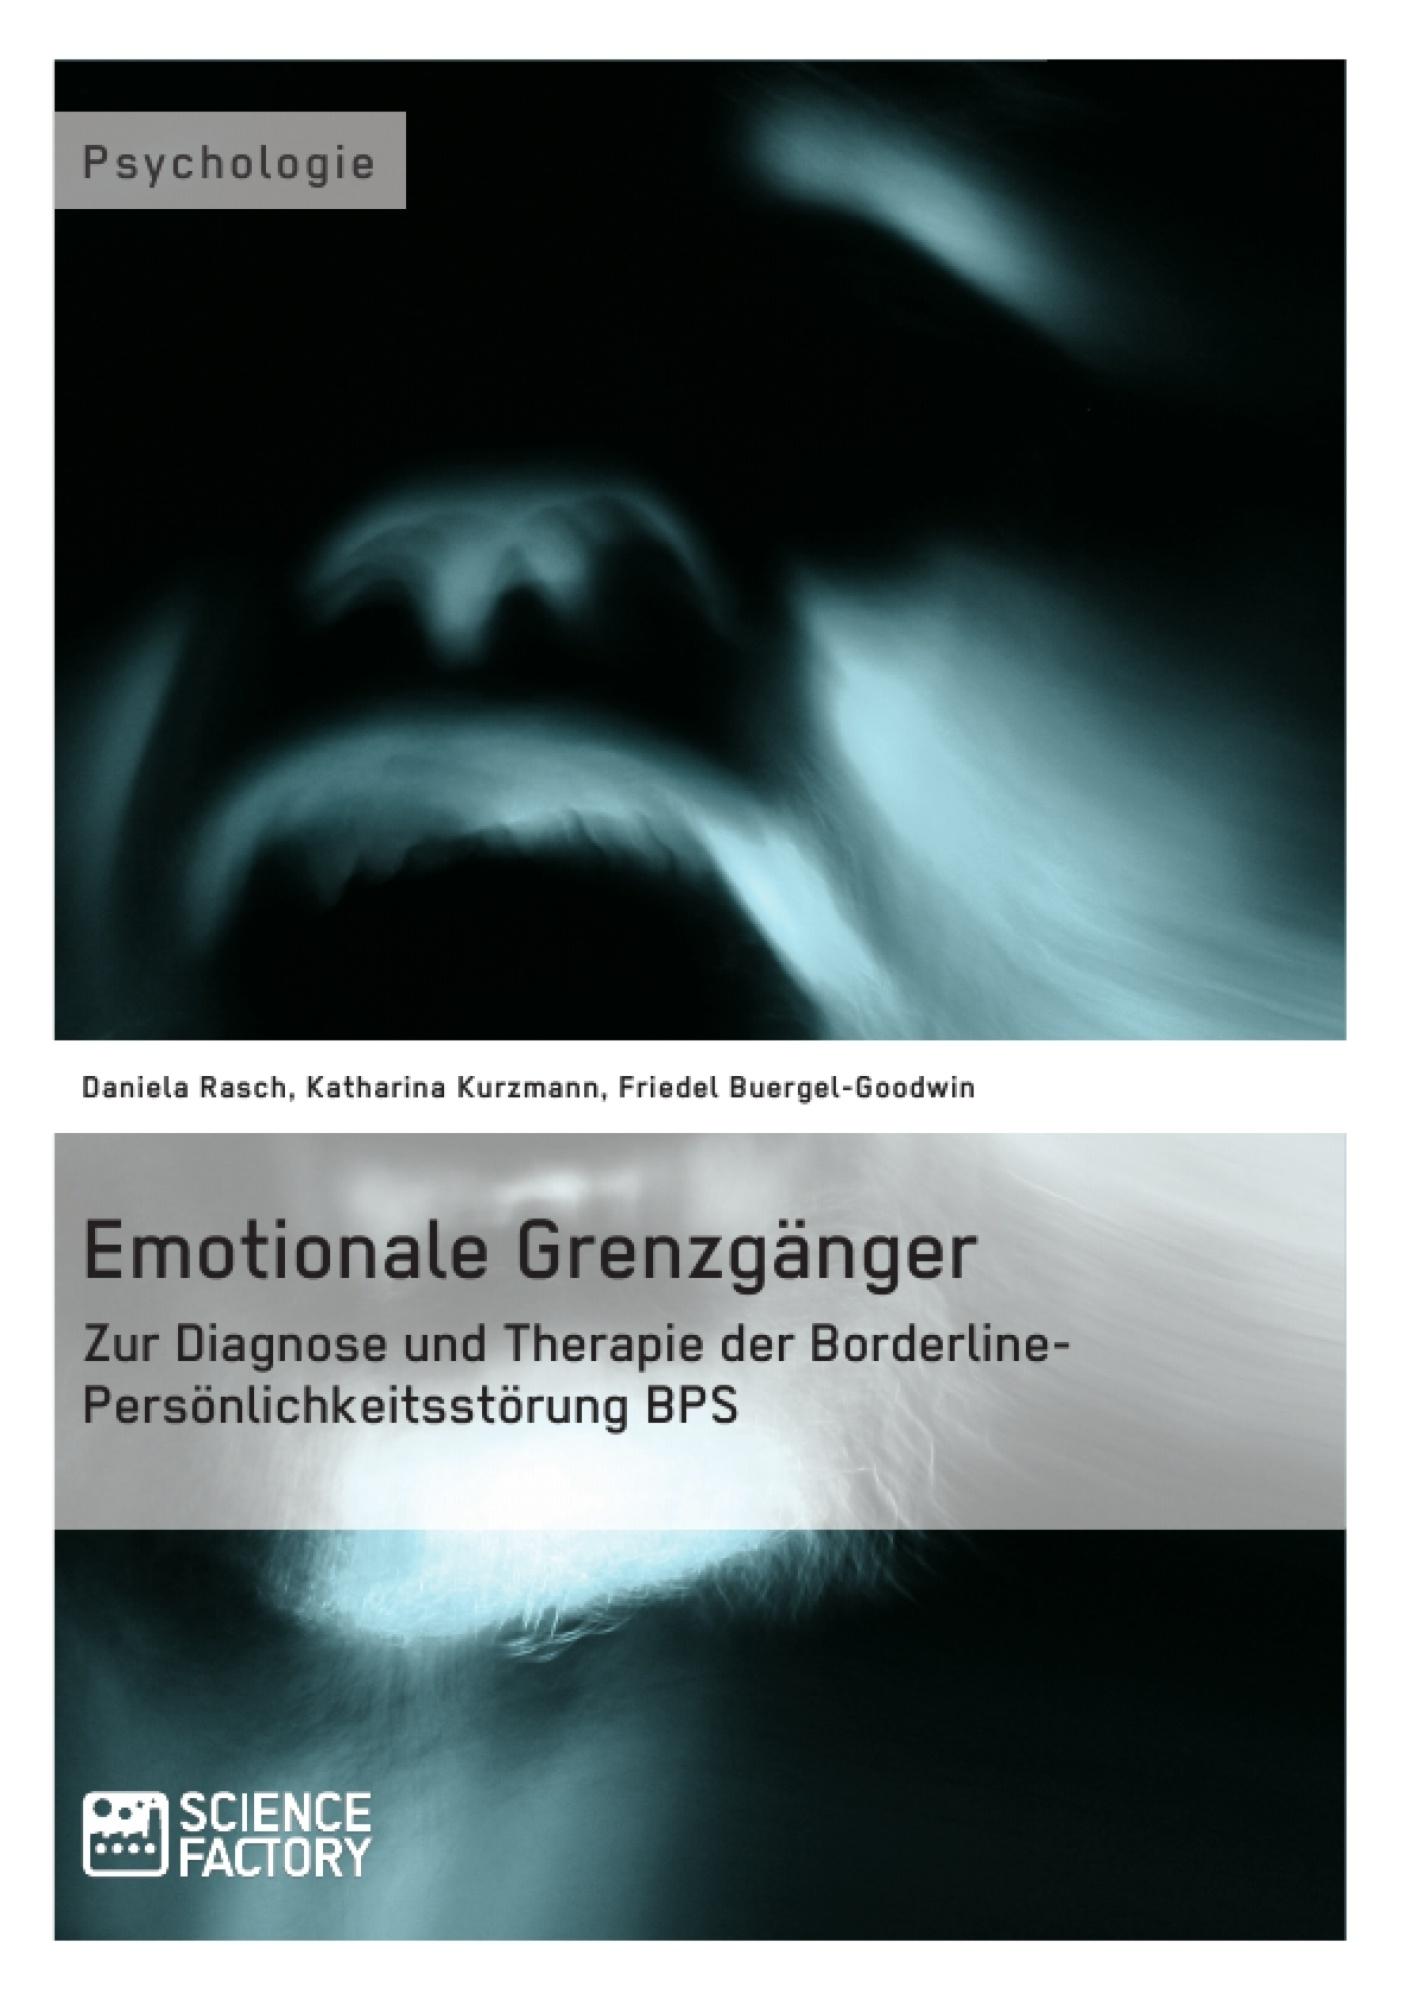 Titel: Emotionale Grenzgänger. Zur Diagnose und Therapie der Borderline-Persönlichkeitsstörung BPS